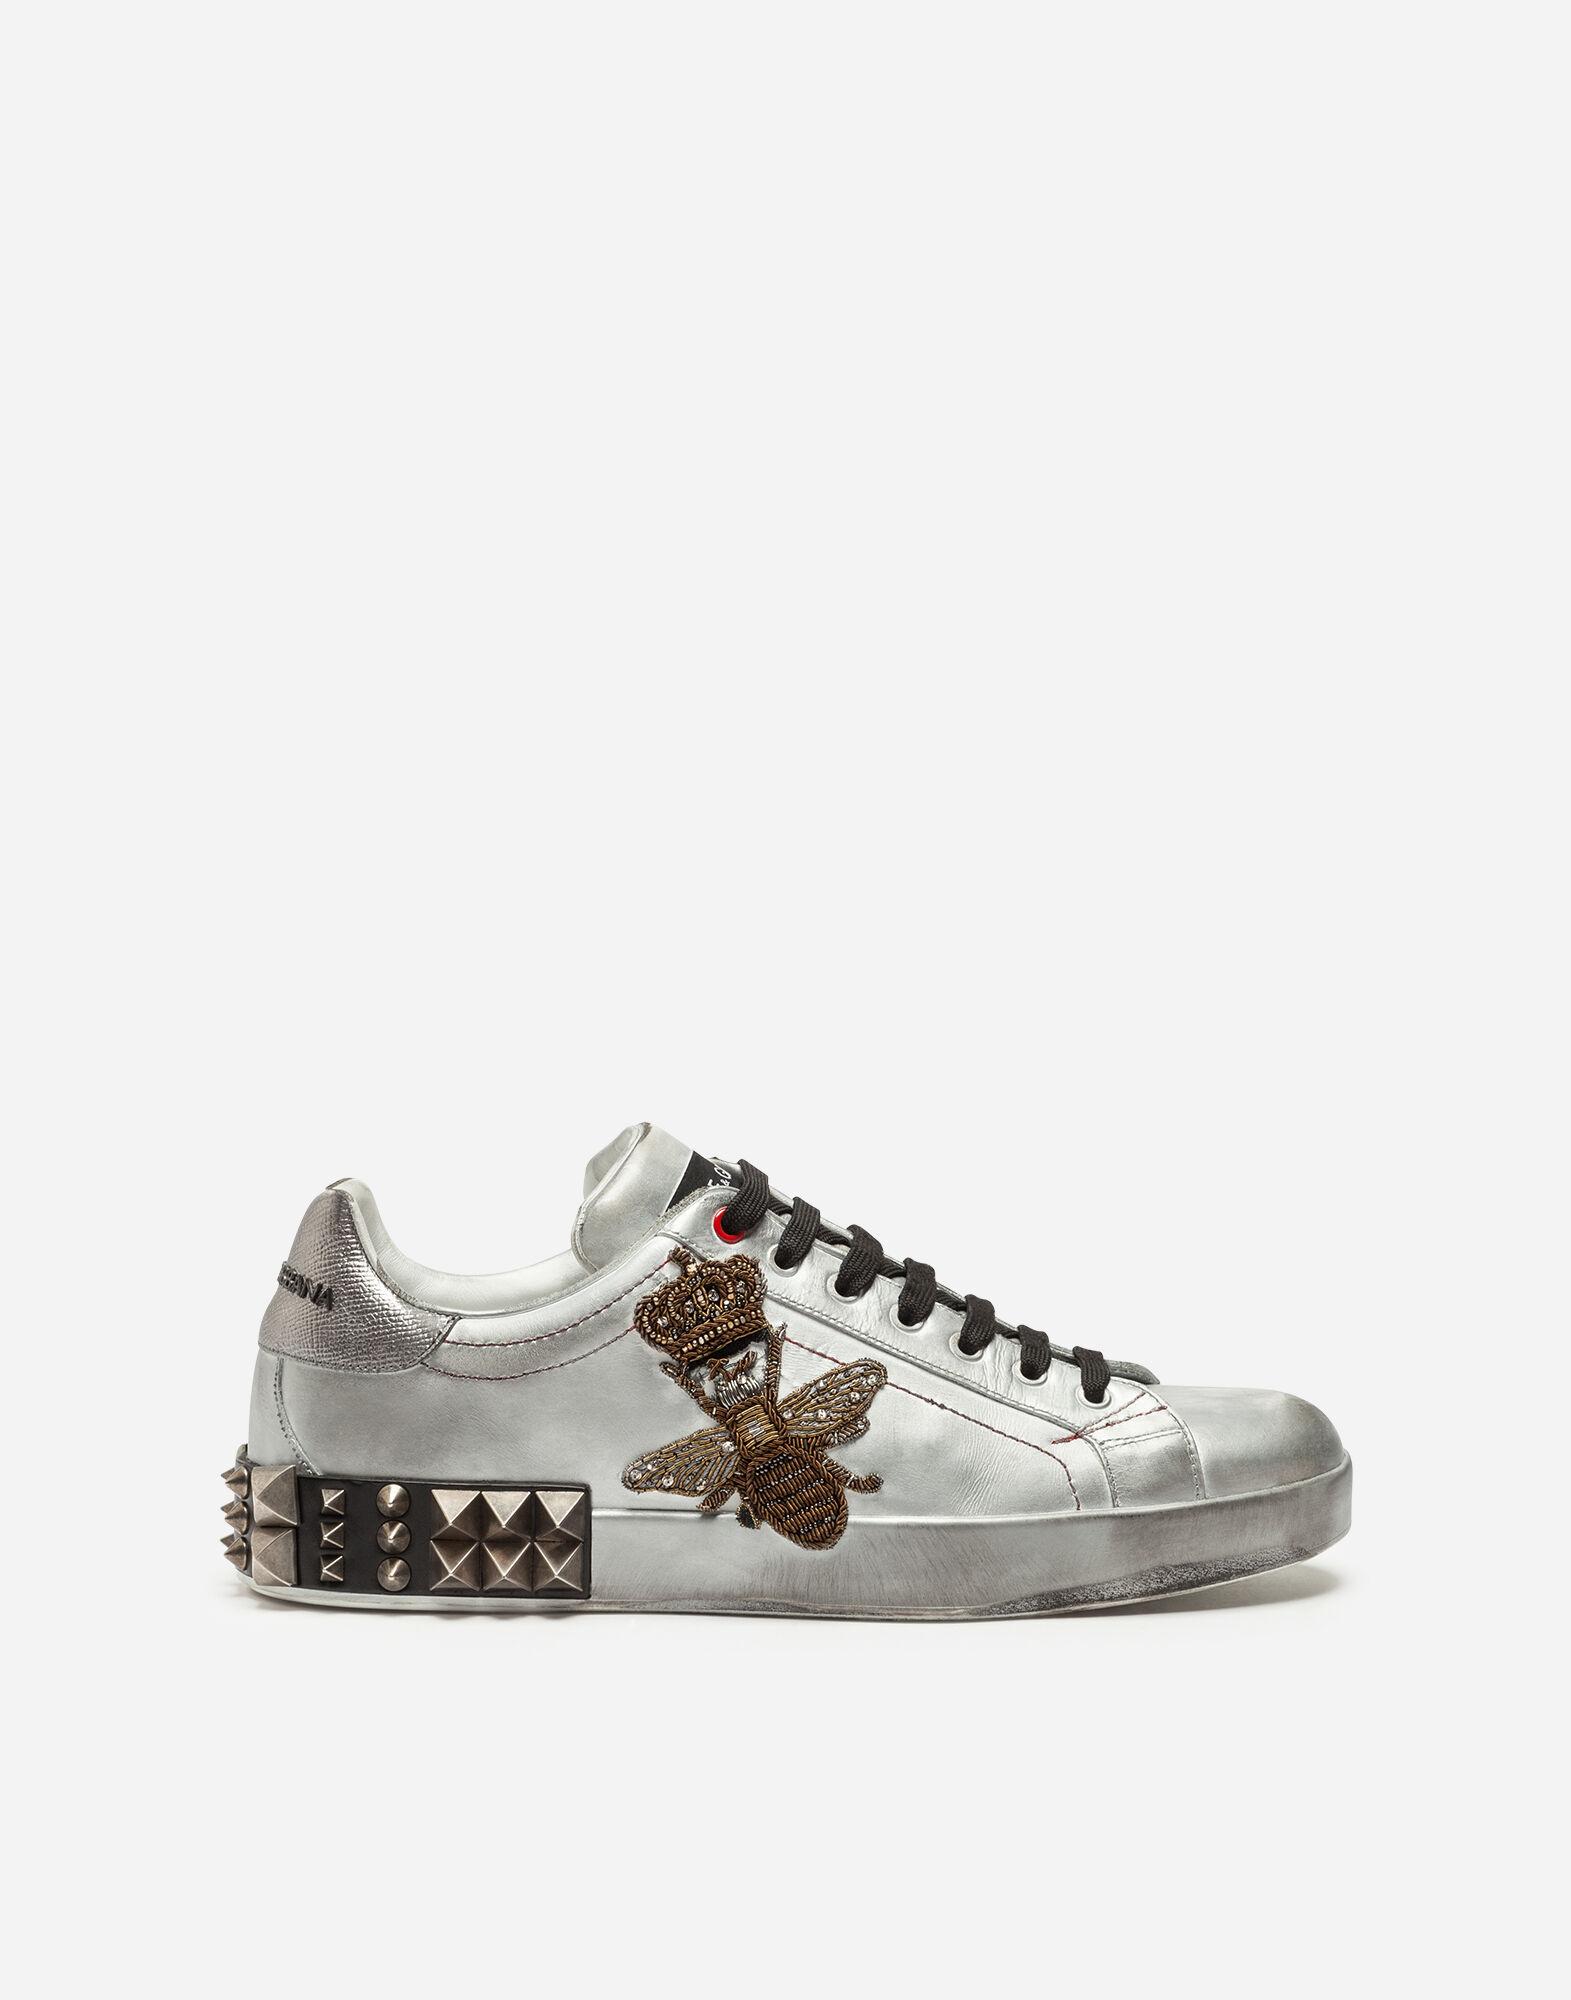 Sneaker Homme Pas cher en Soldes, Blanc, Cuir, 2017, 39 40.5 41 42.5 44Dolce & Gabbana